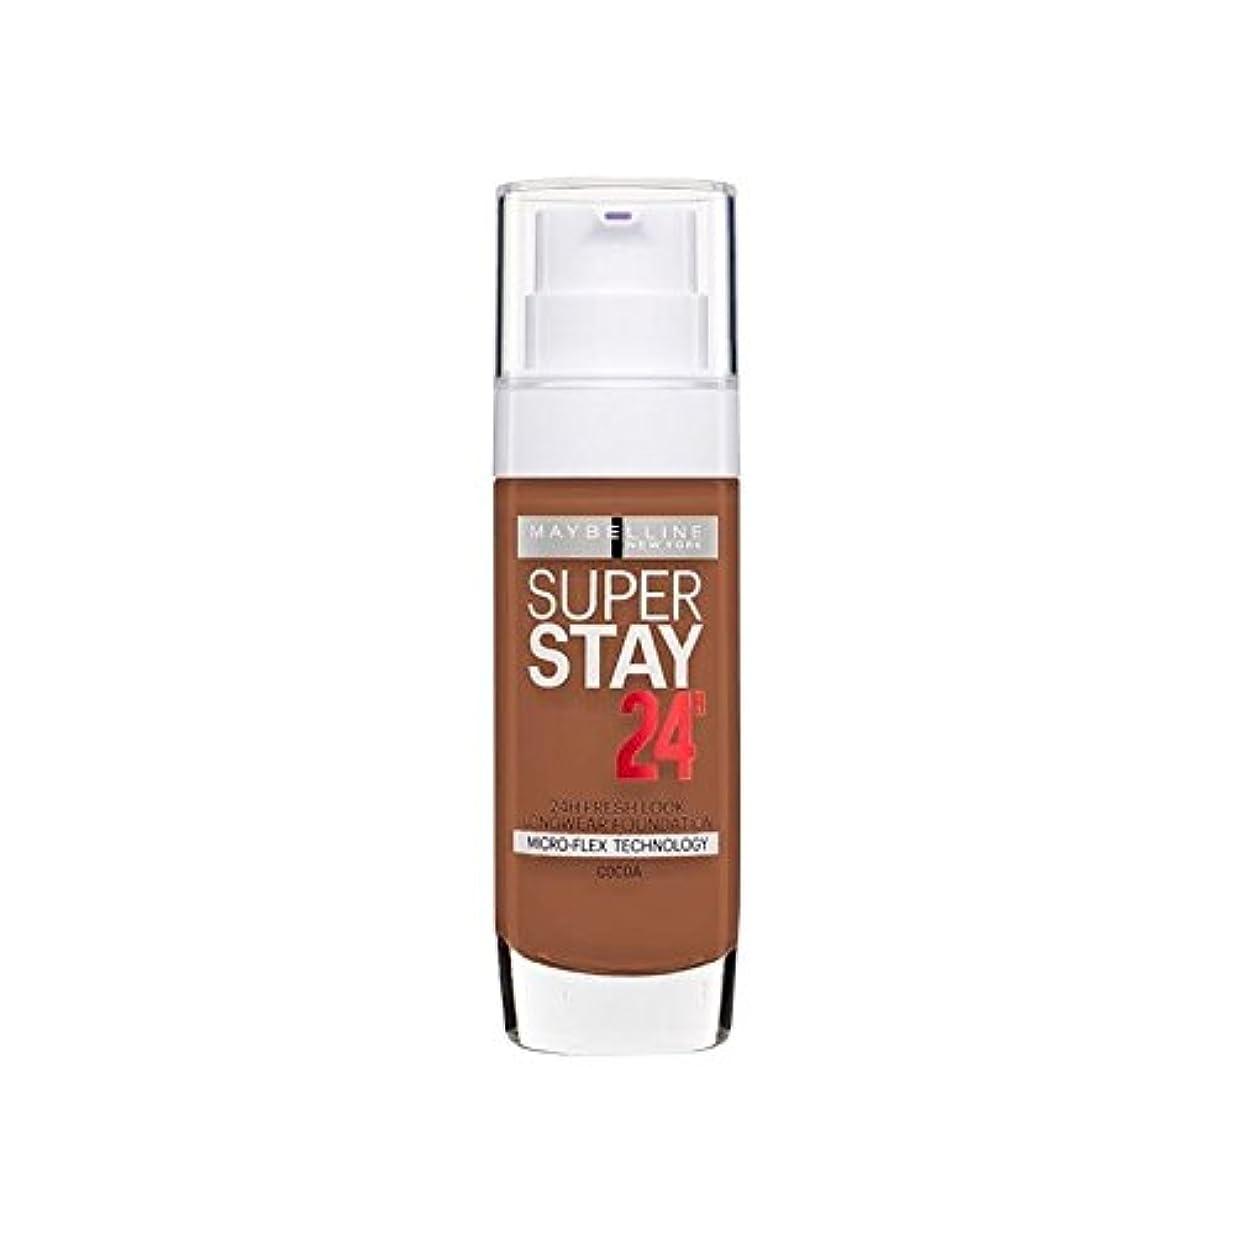 凶暴な飛躍買収Maybelline SuperStay 24h Liquid Foundation 70 Cocoa 30ml - メイベリン 24時間リキッドファンデーション70ココア30ミリリットル [並行輸入品]